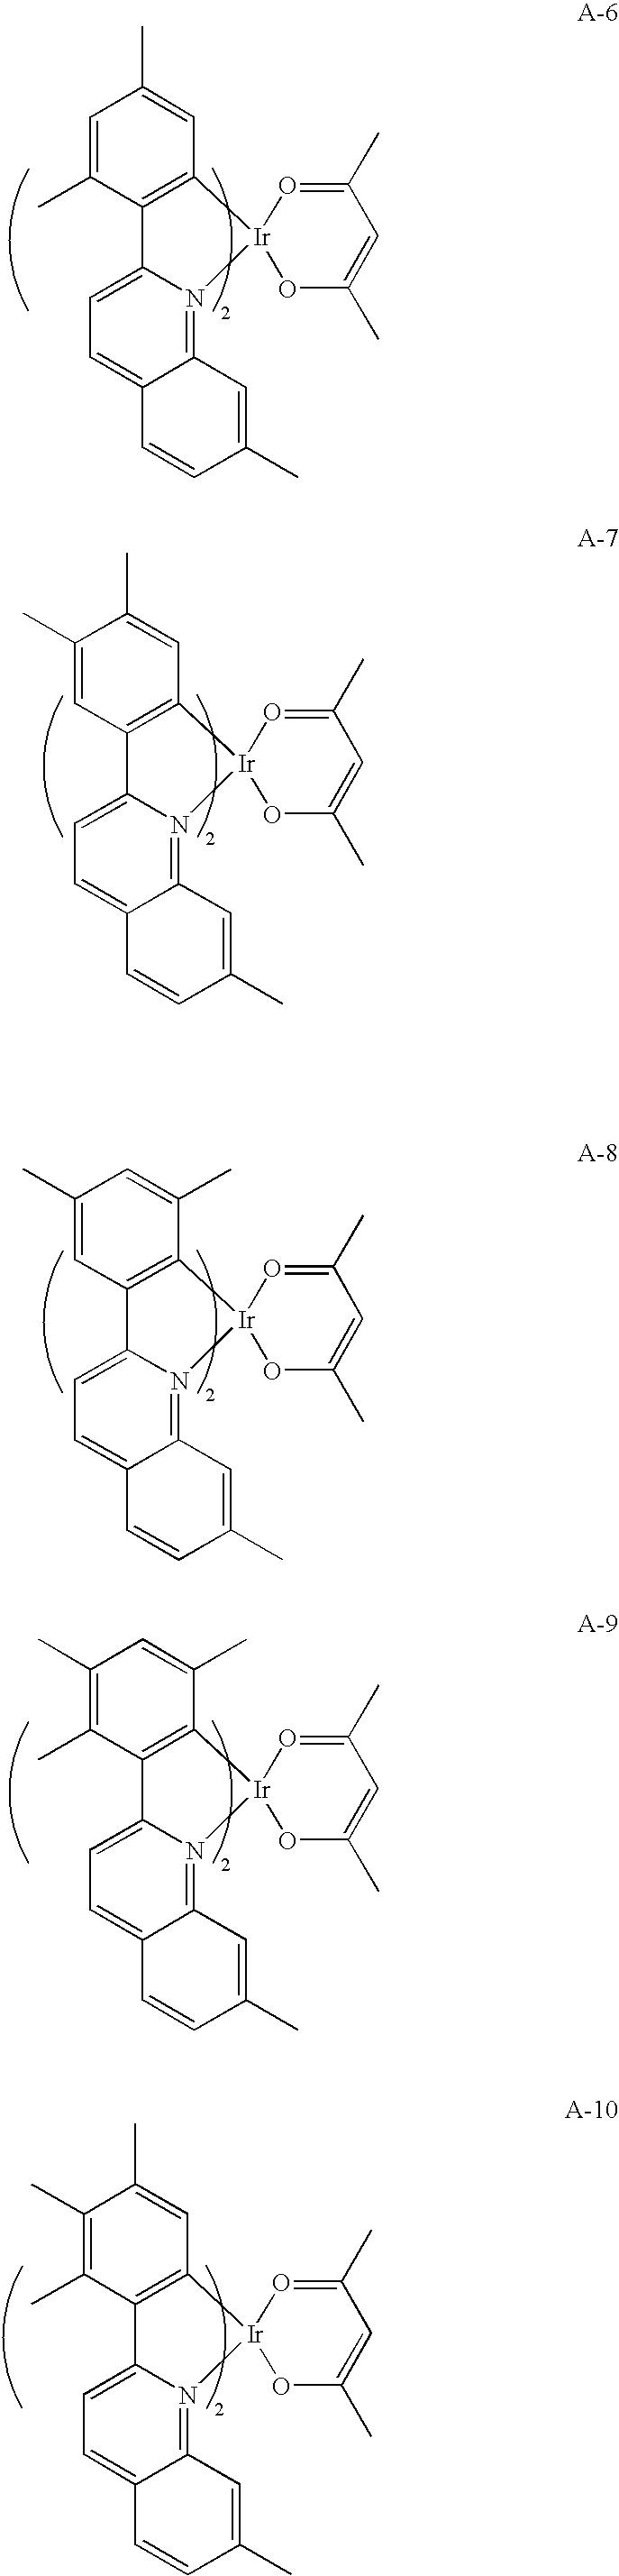 Figure US20060202194A1-20060914-C00016